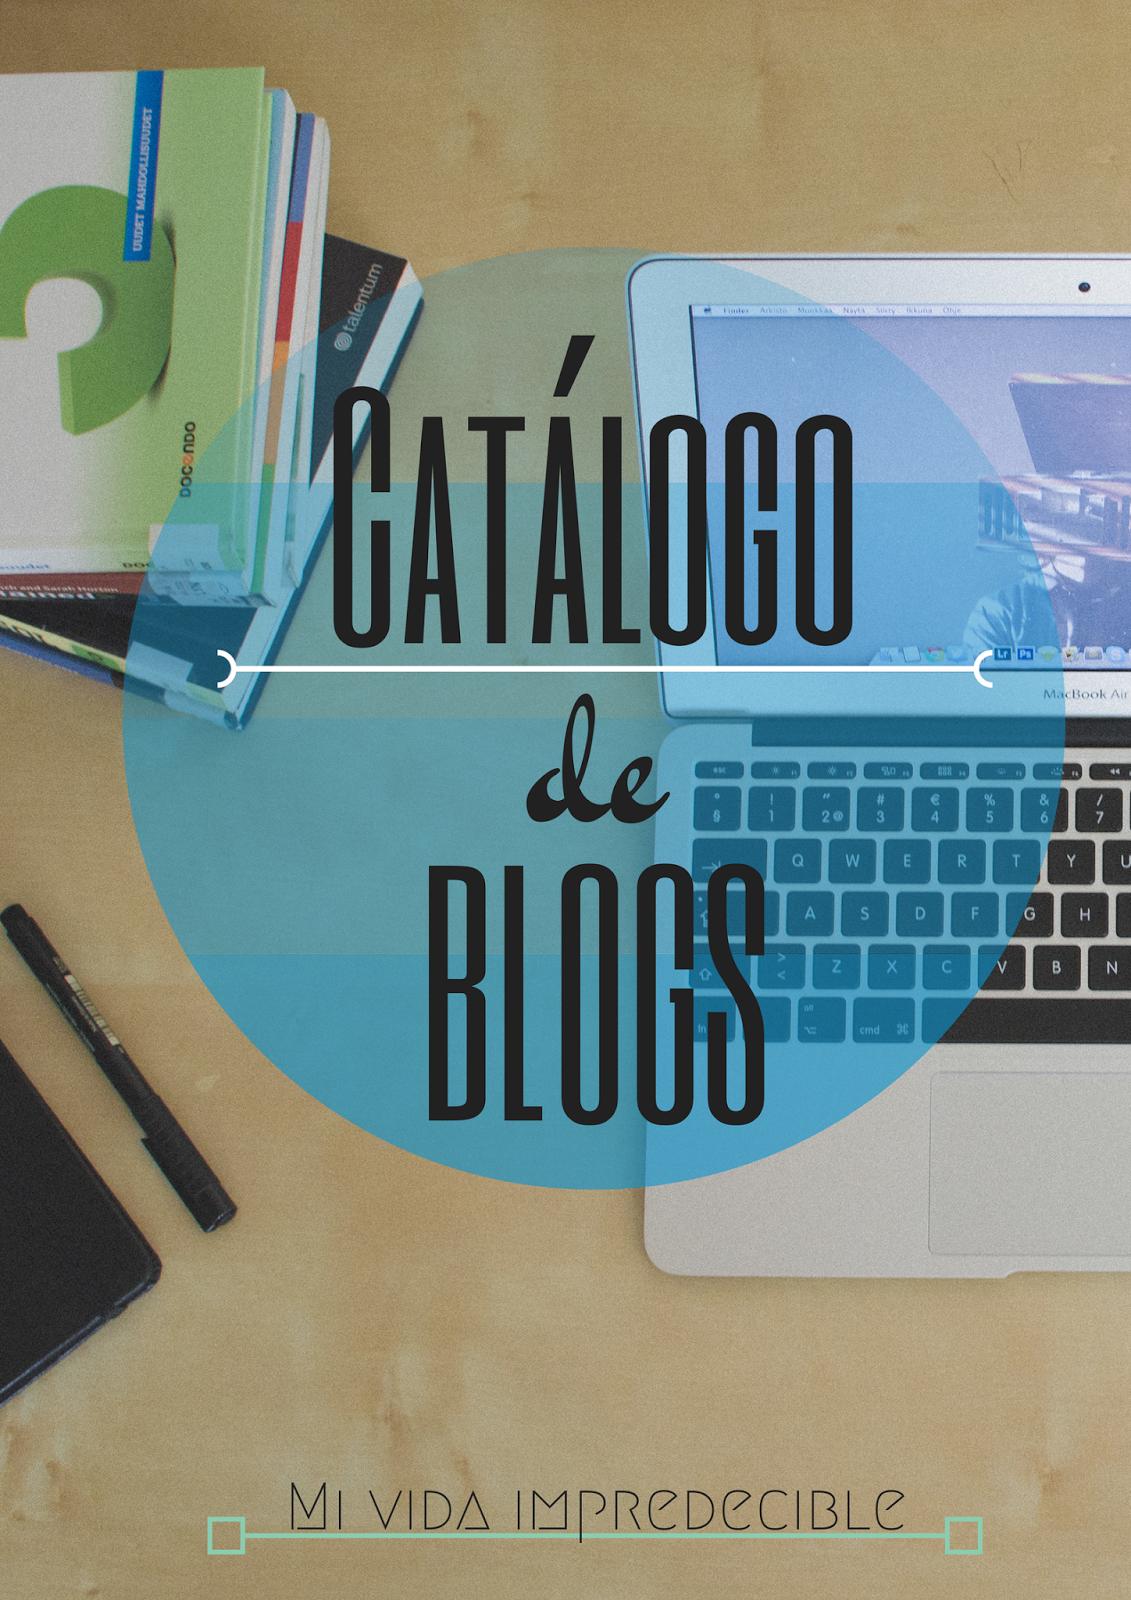 Catálogo de blogs.